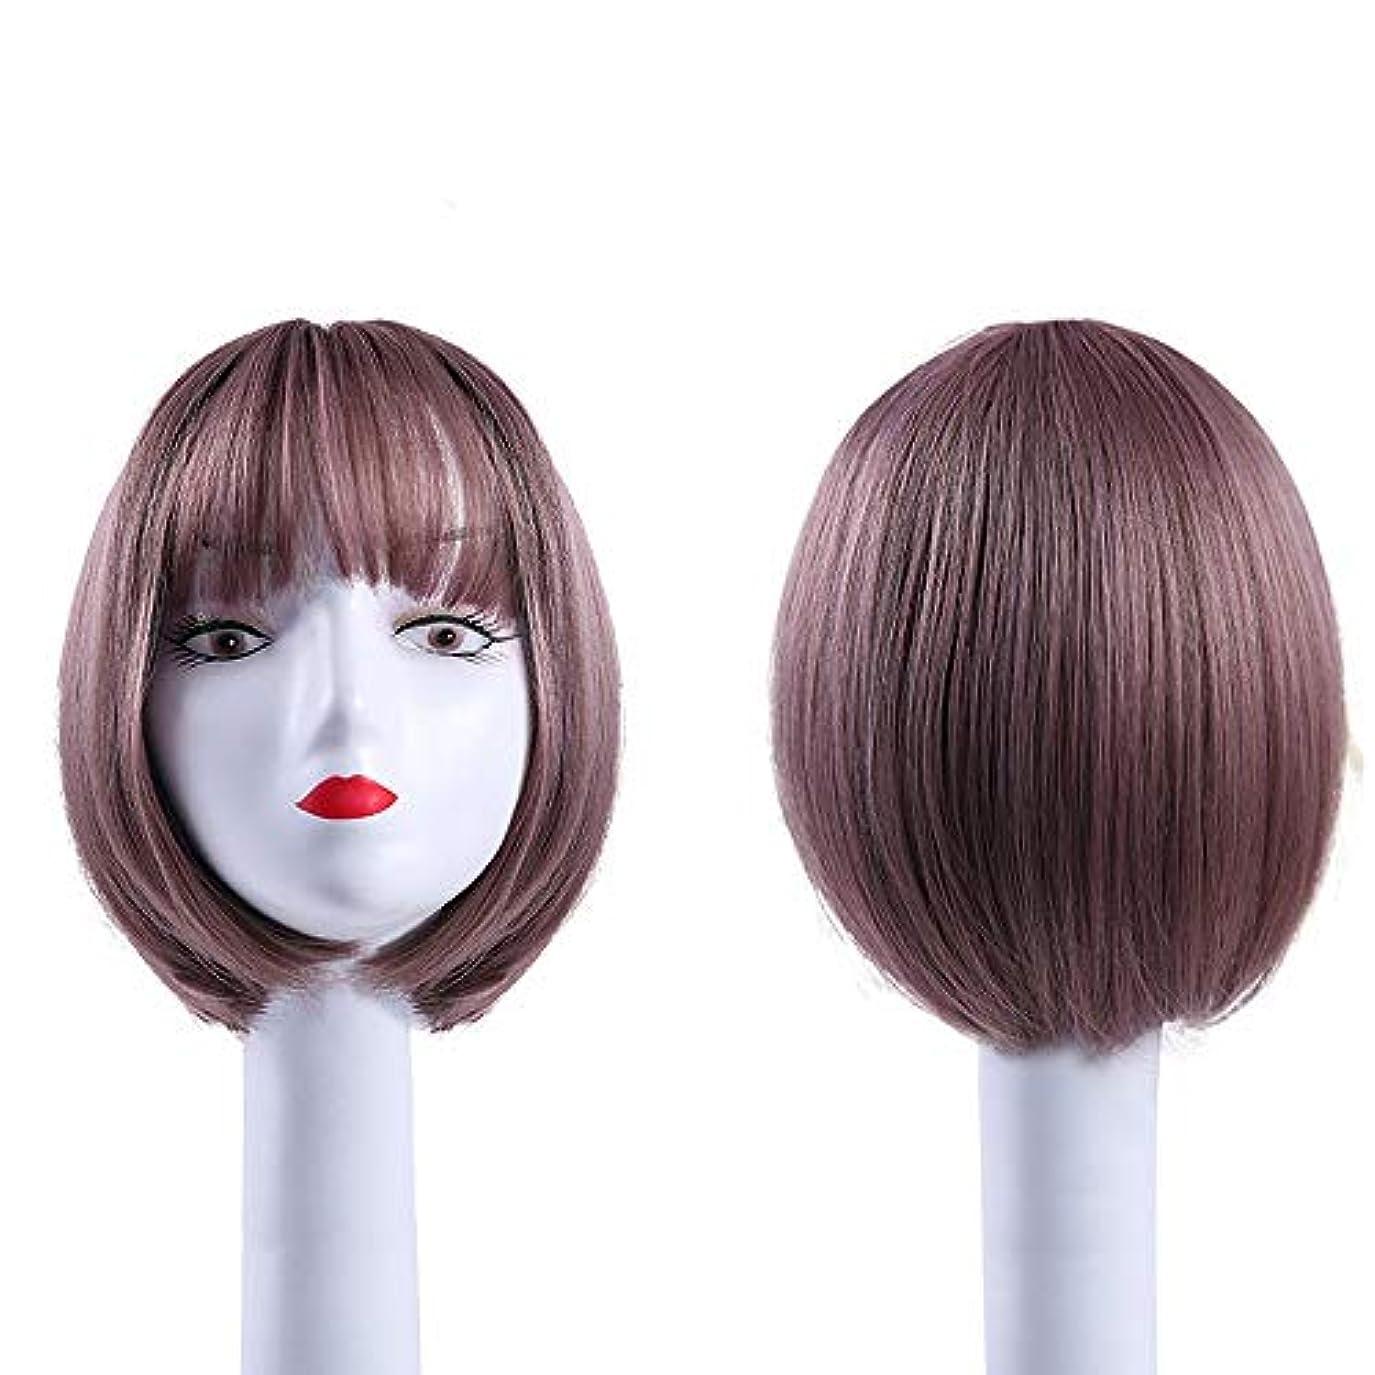 予測出発禁止するSRY-Wigファッション ファッションショートピンクボブウィッグシルキーストレート人工毛ウィッグ付きフラット前髪コスプレ衣装ウィッグパーティー帽子用女性